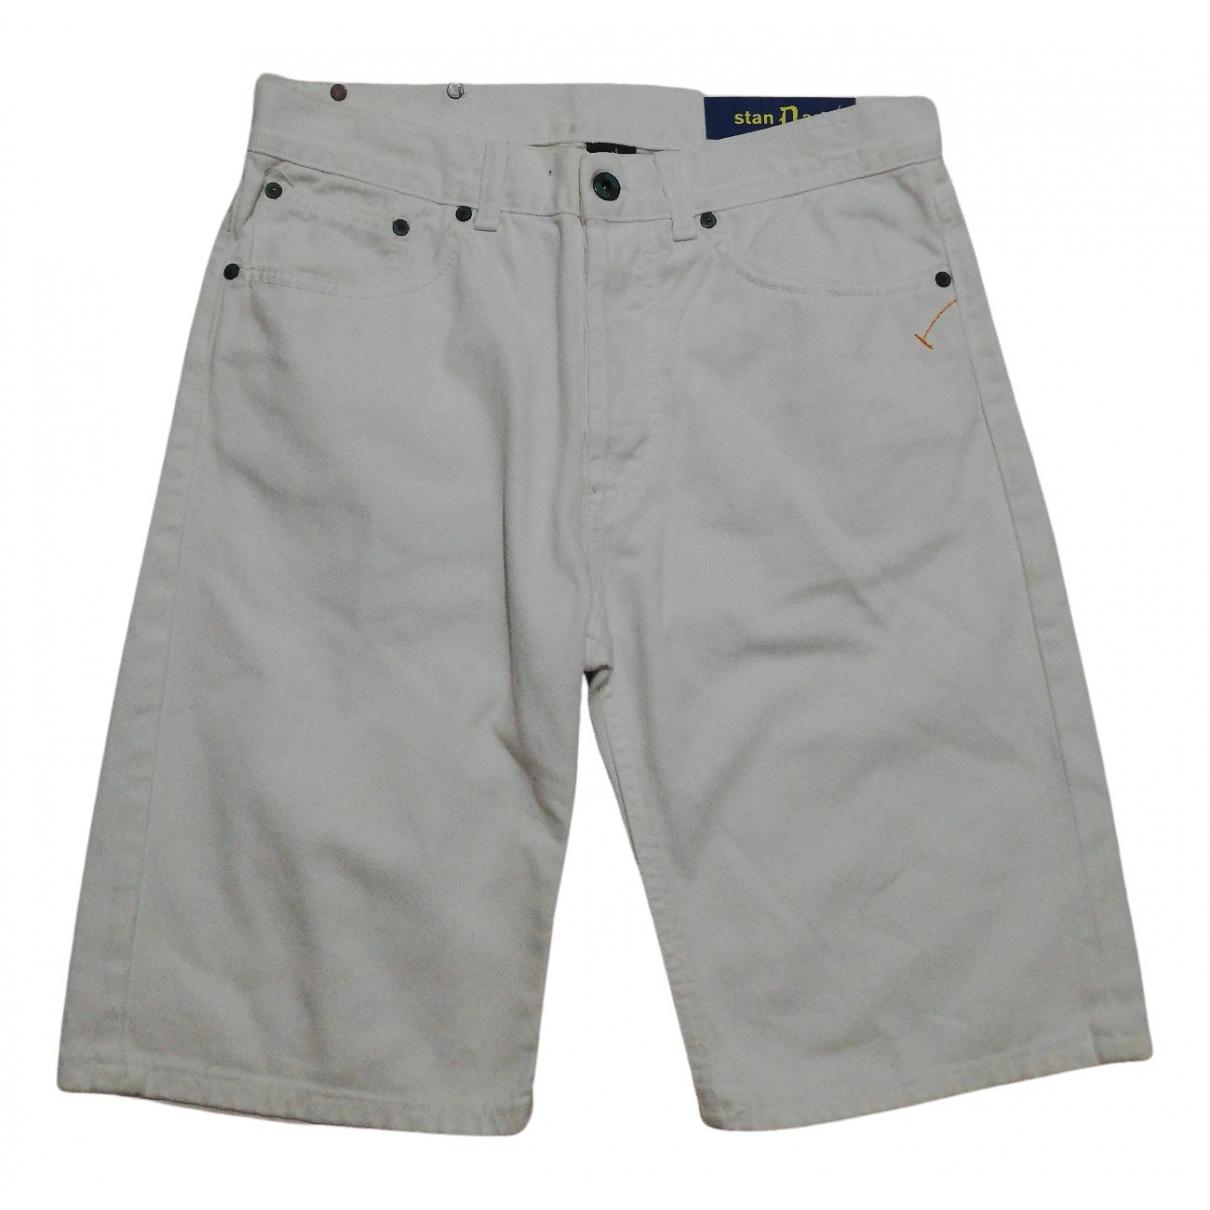 Dondup N White Cotton Shorts for Men 32 UK - US